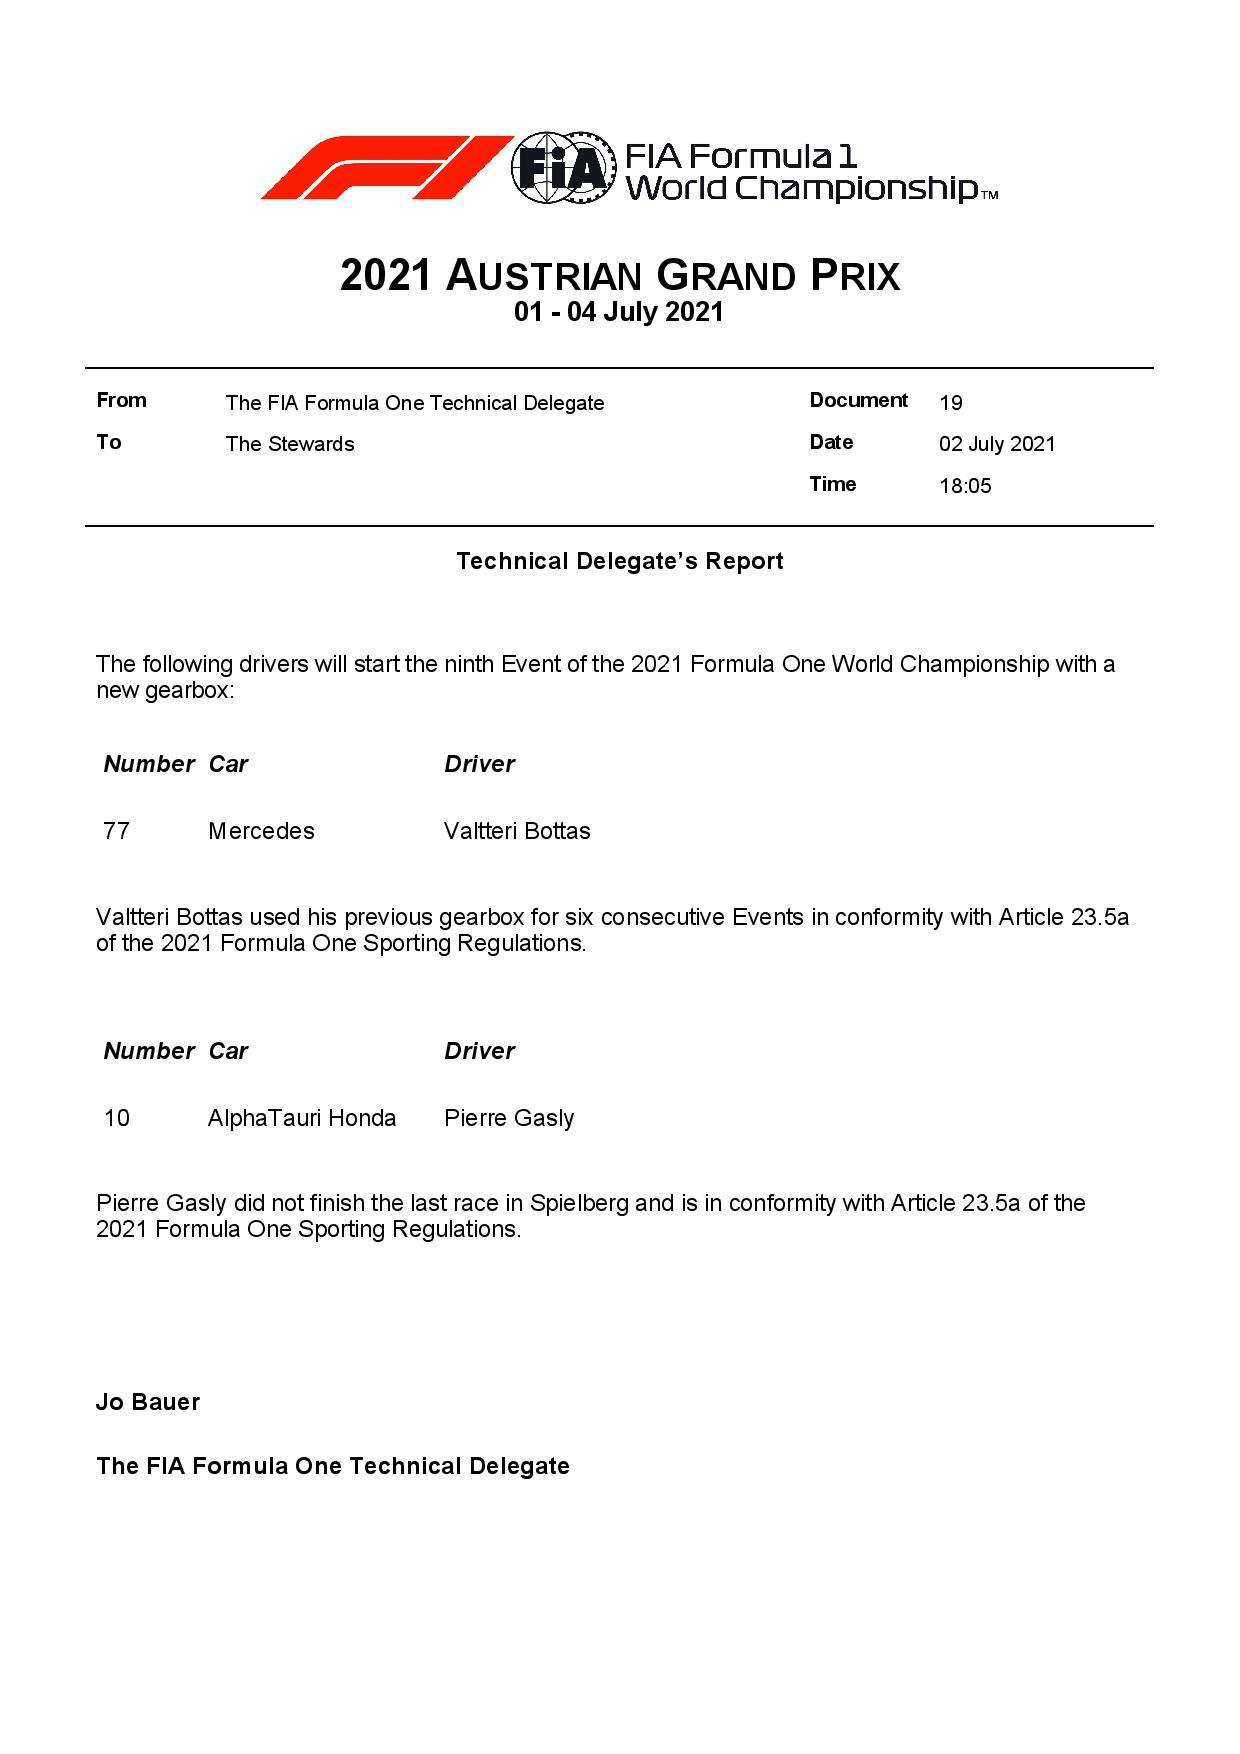 F1 - Boîte de vitesses neuve pour Bottas et Gasly au GP d'Autriche